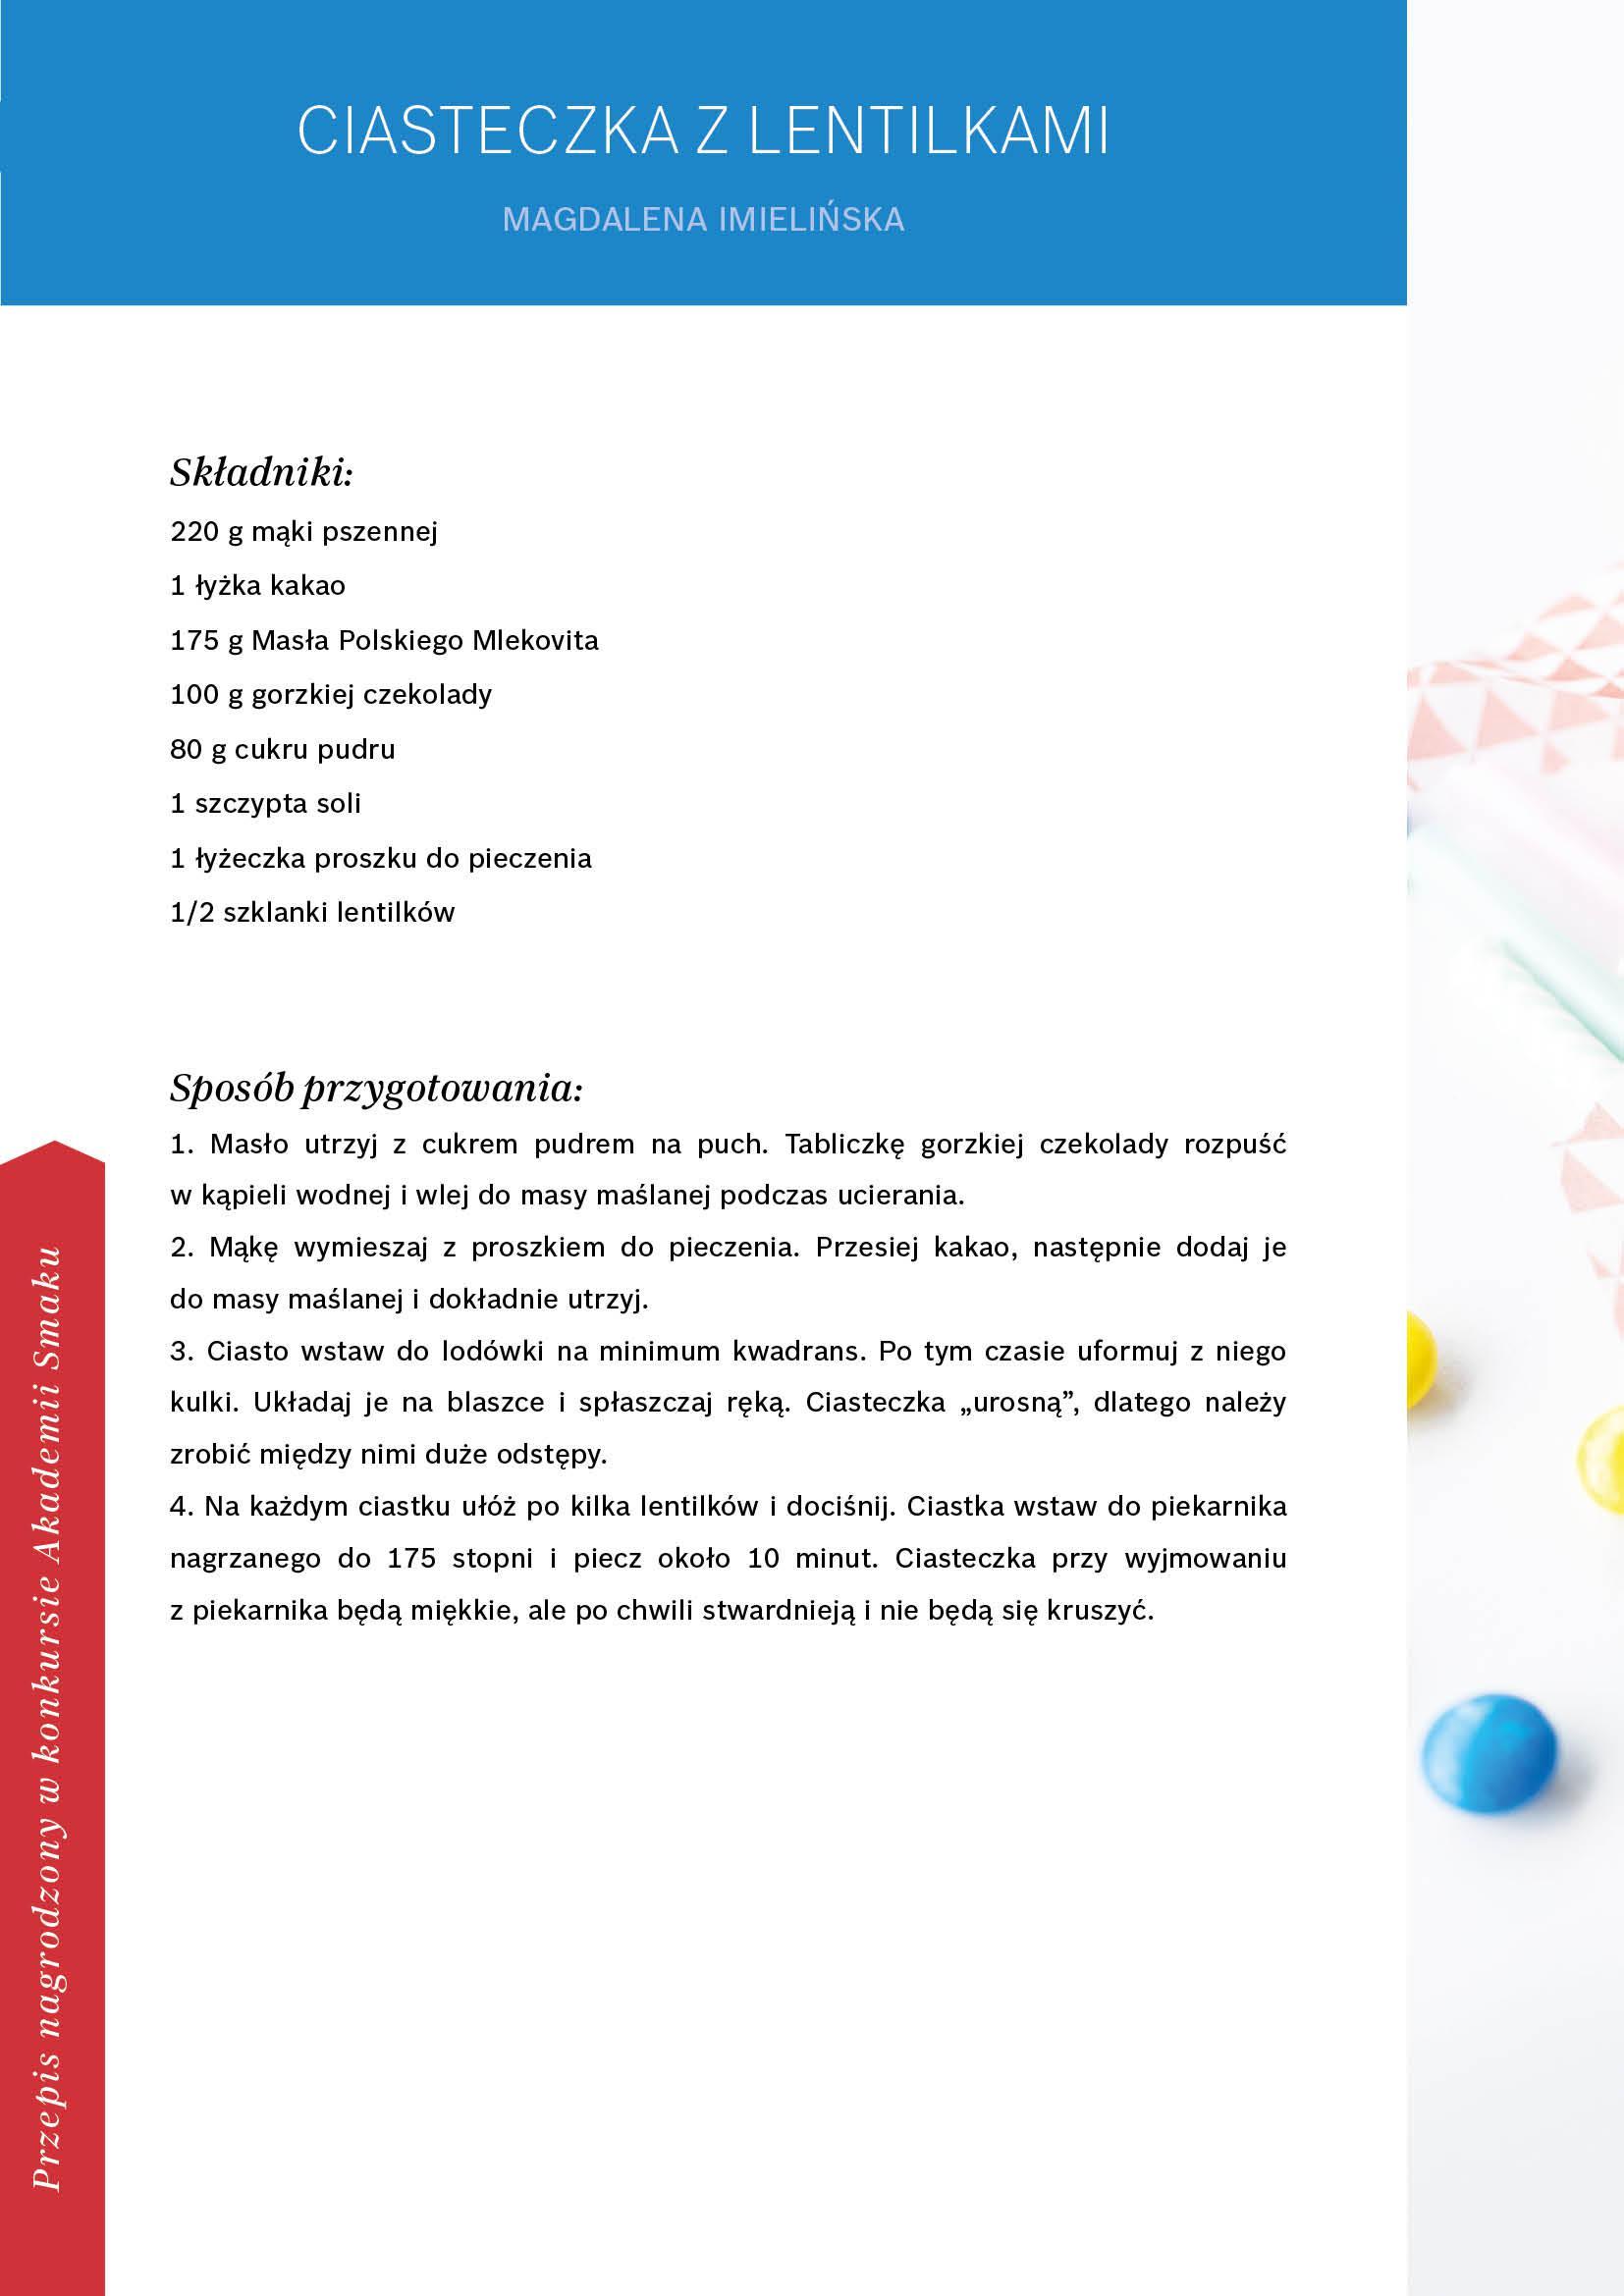 Sama słodycz - Strona 22